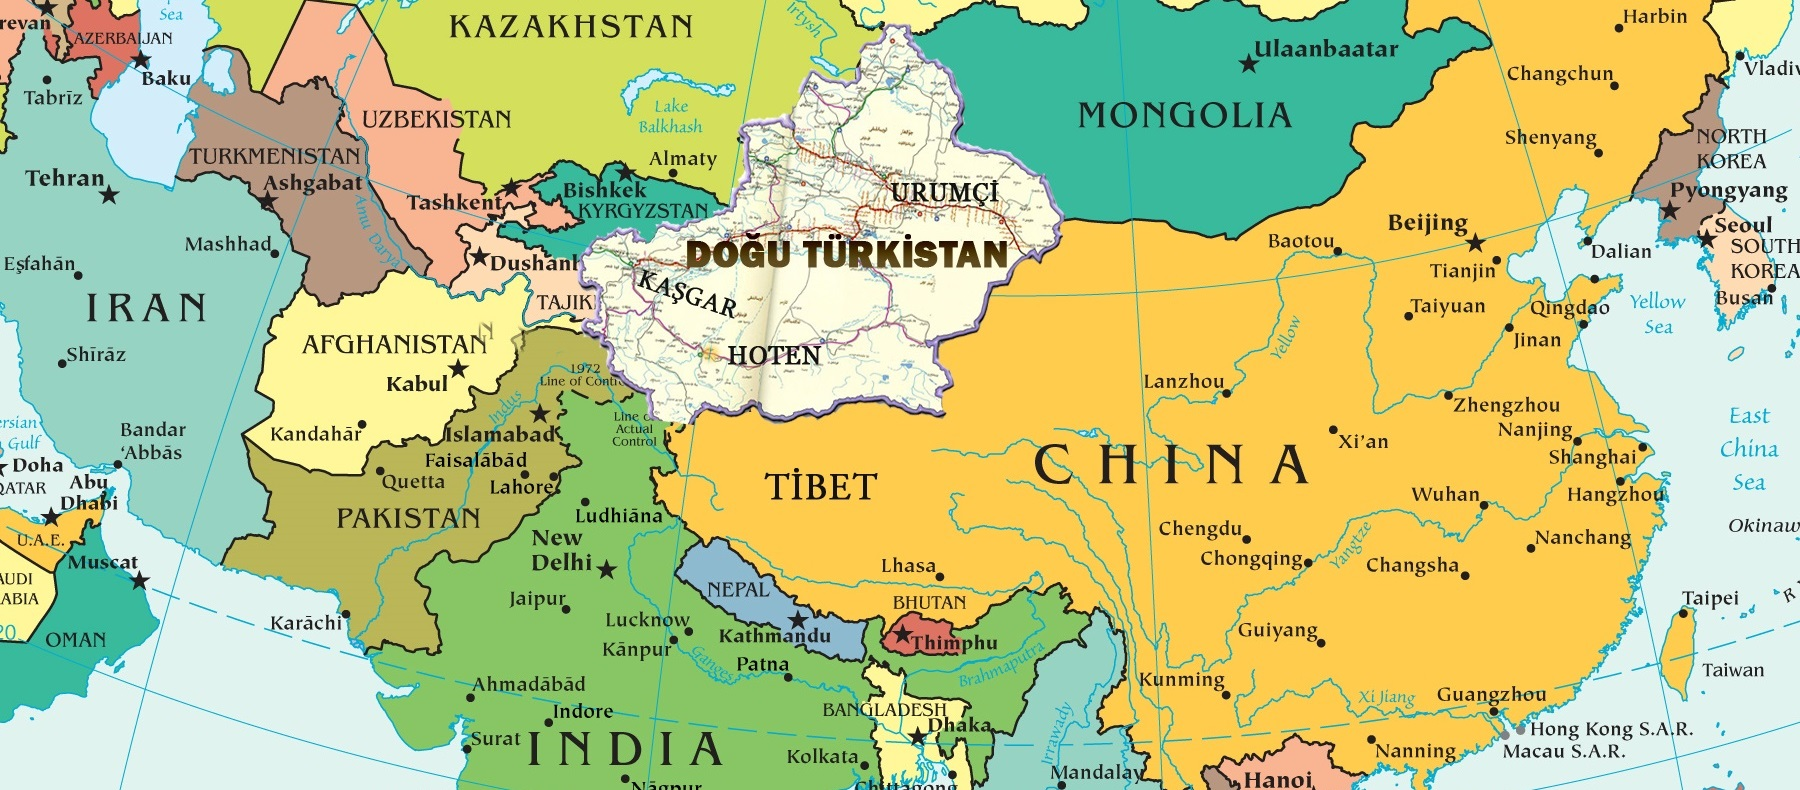 Turkistan-Asya unutulan vatan Doğu Türkistan